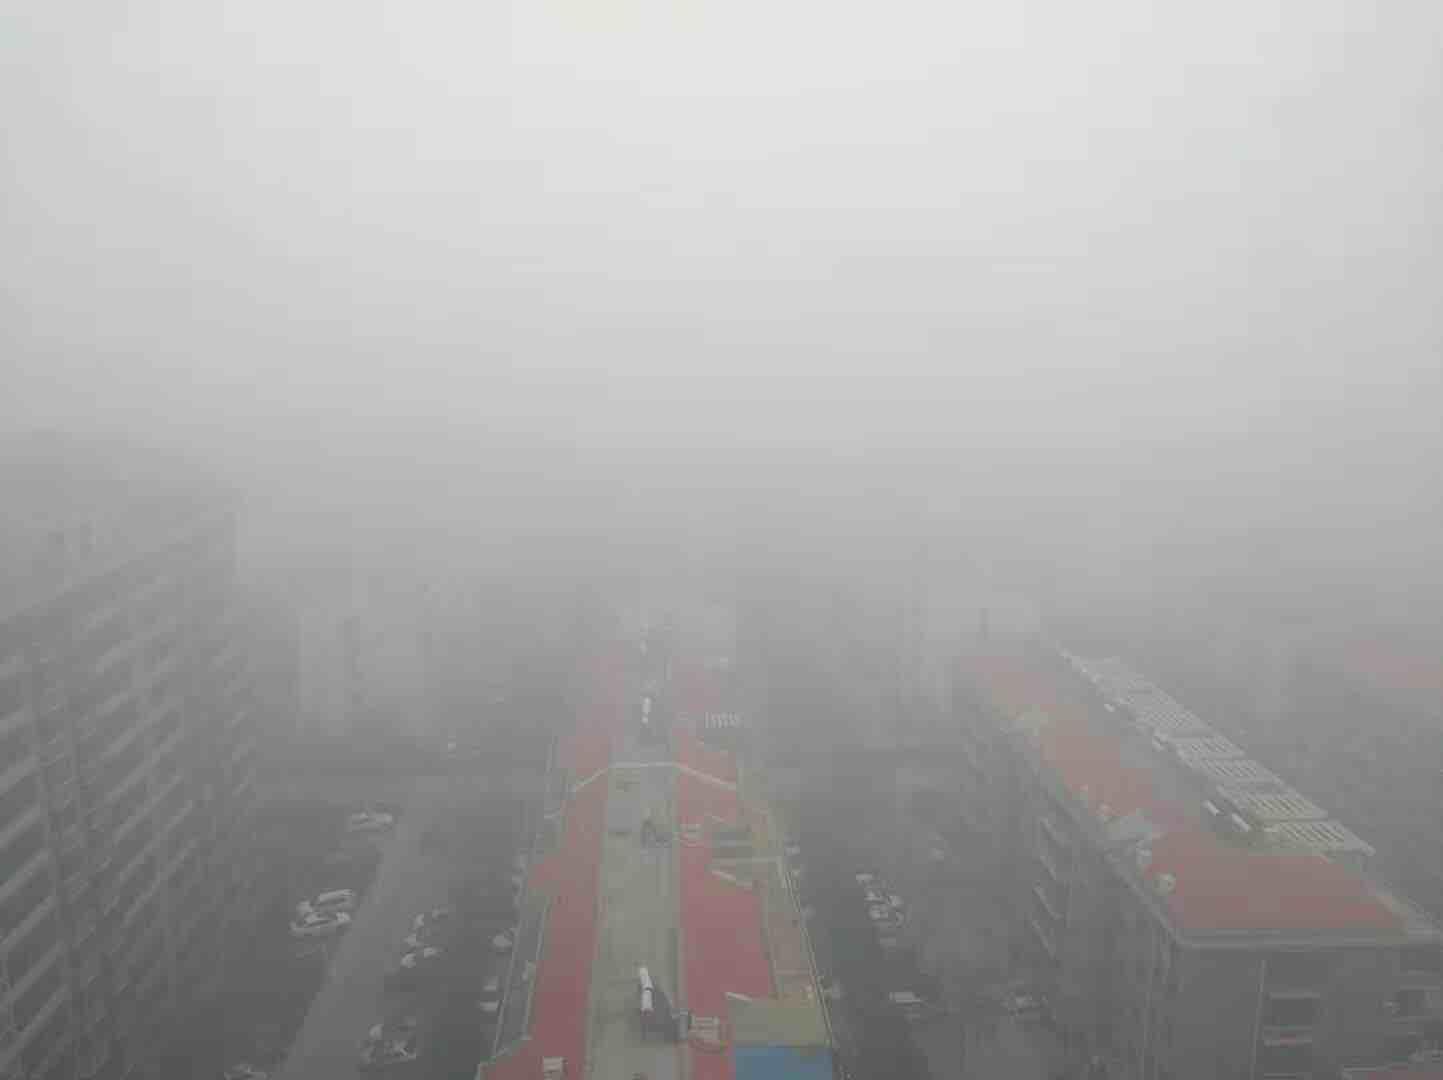 海丽气象吧丨强浓雾再来袭!山东发布大雾黄色预警 局地能见度不足50米